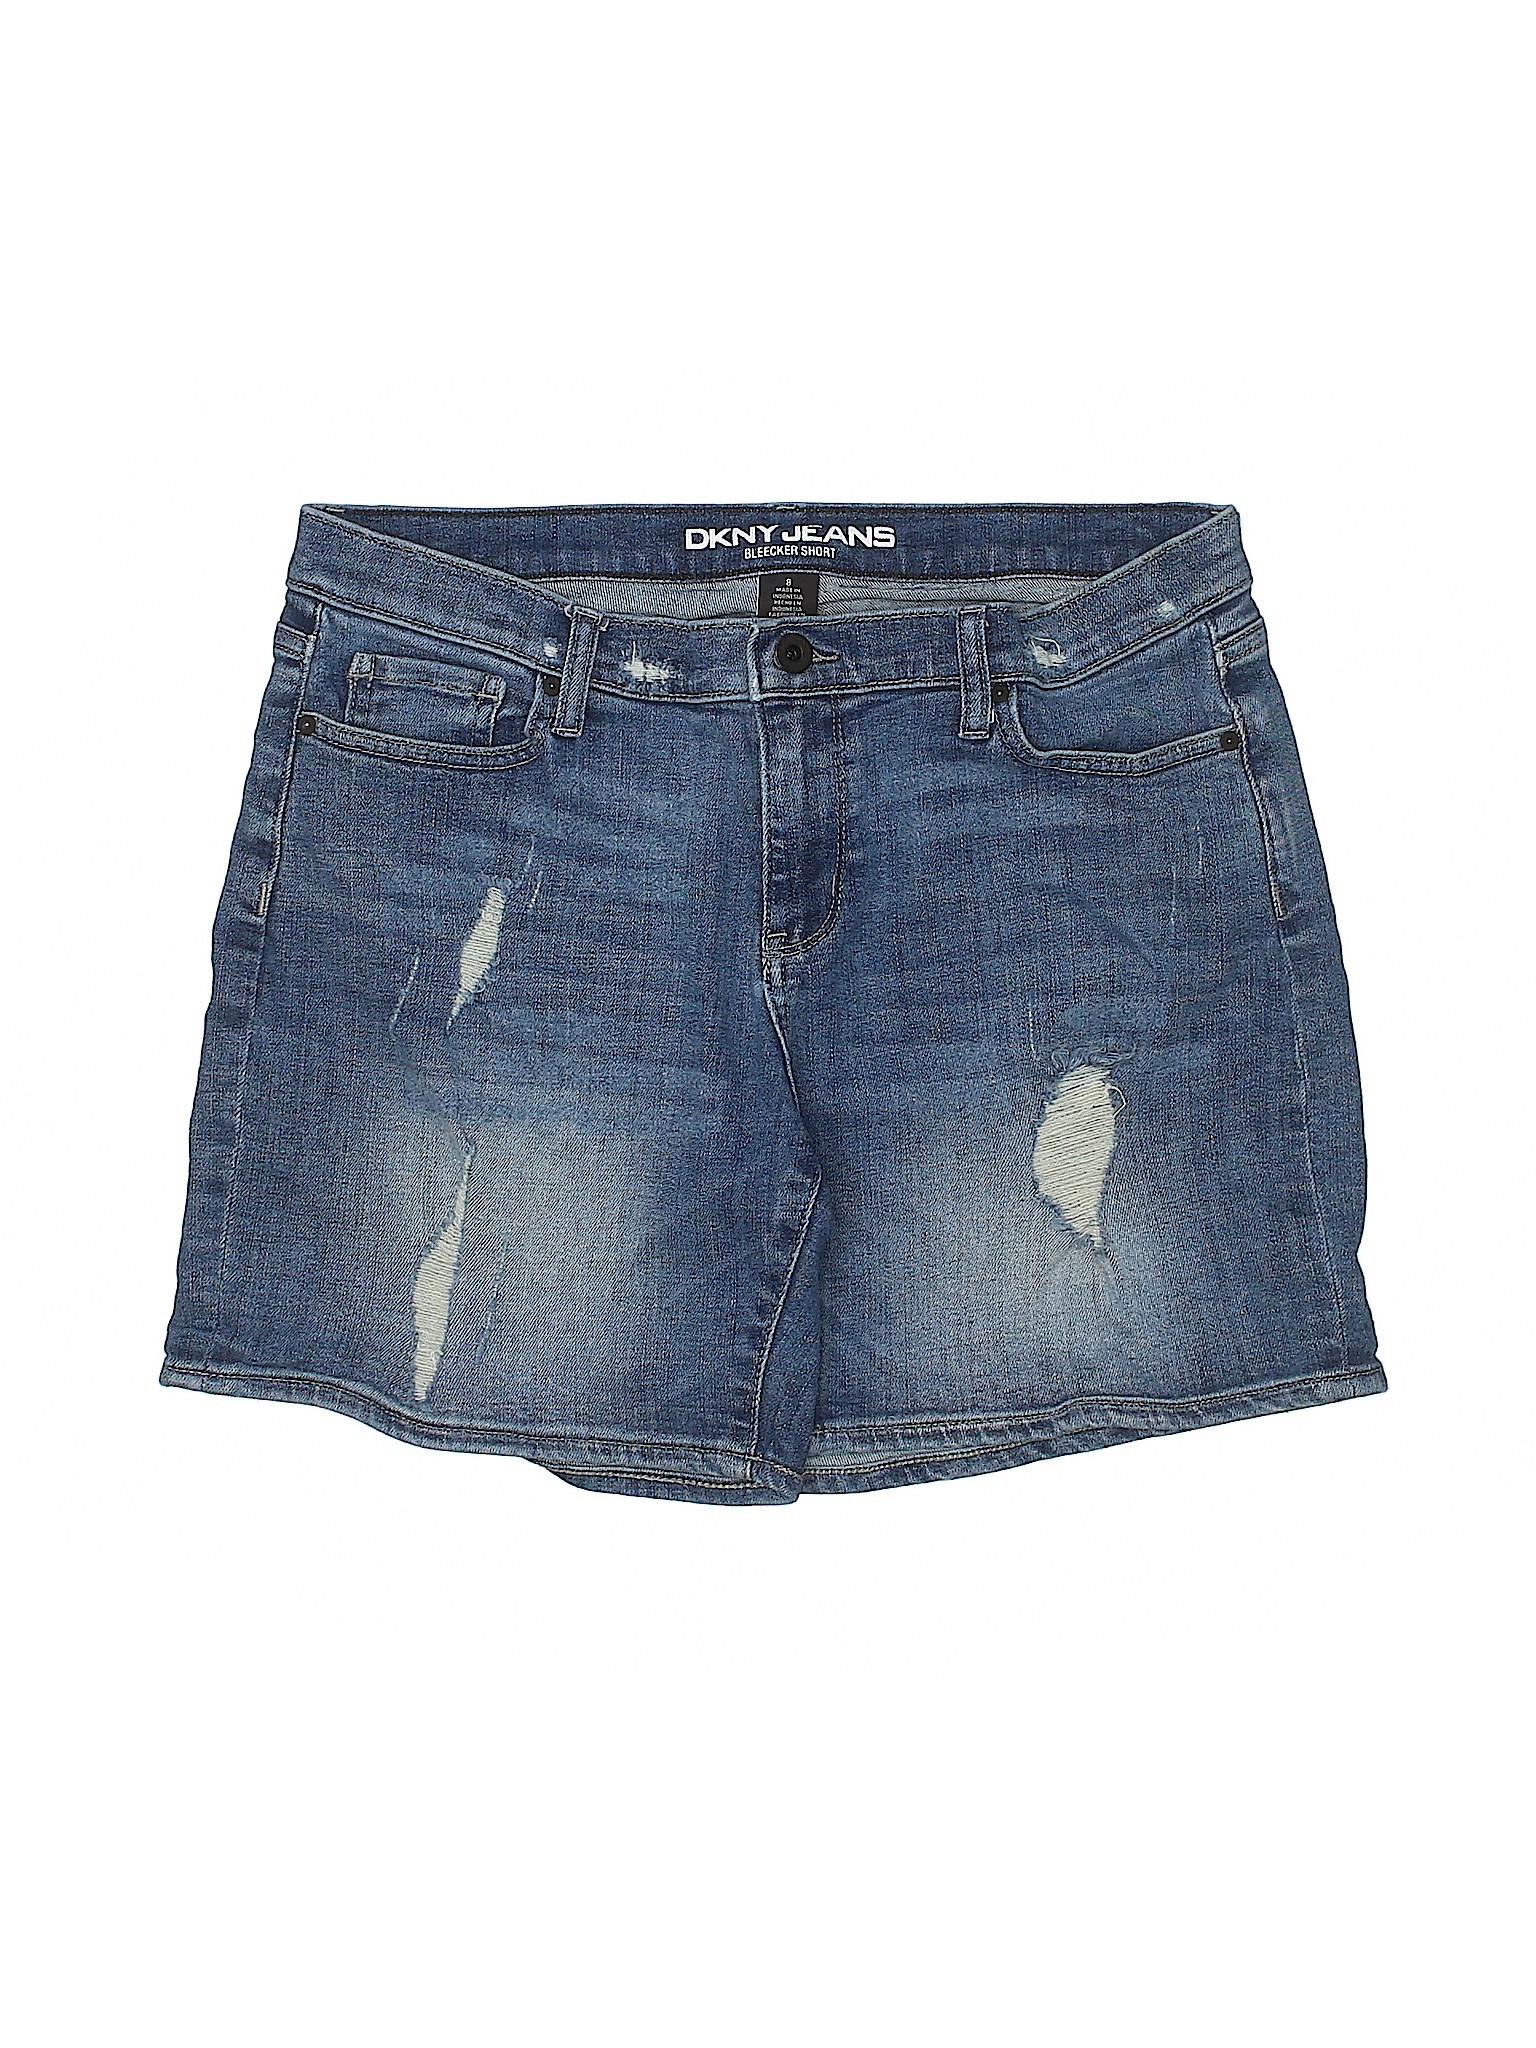 DKNY Boutique Jeans Denim Shorts Jeans DKNY Boutique Shorts Denim xwXgXnrS